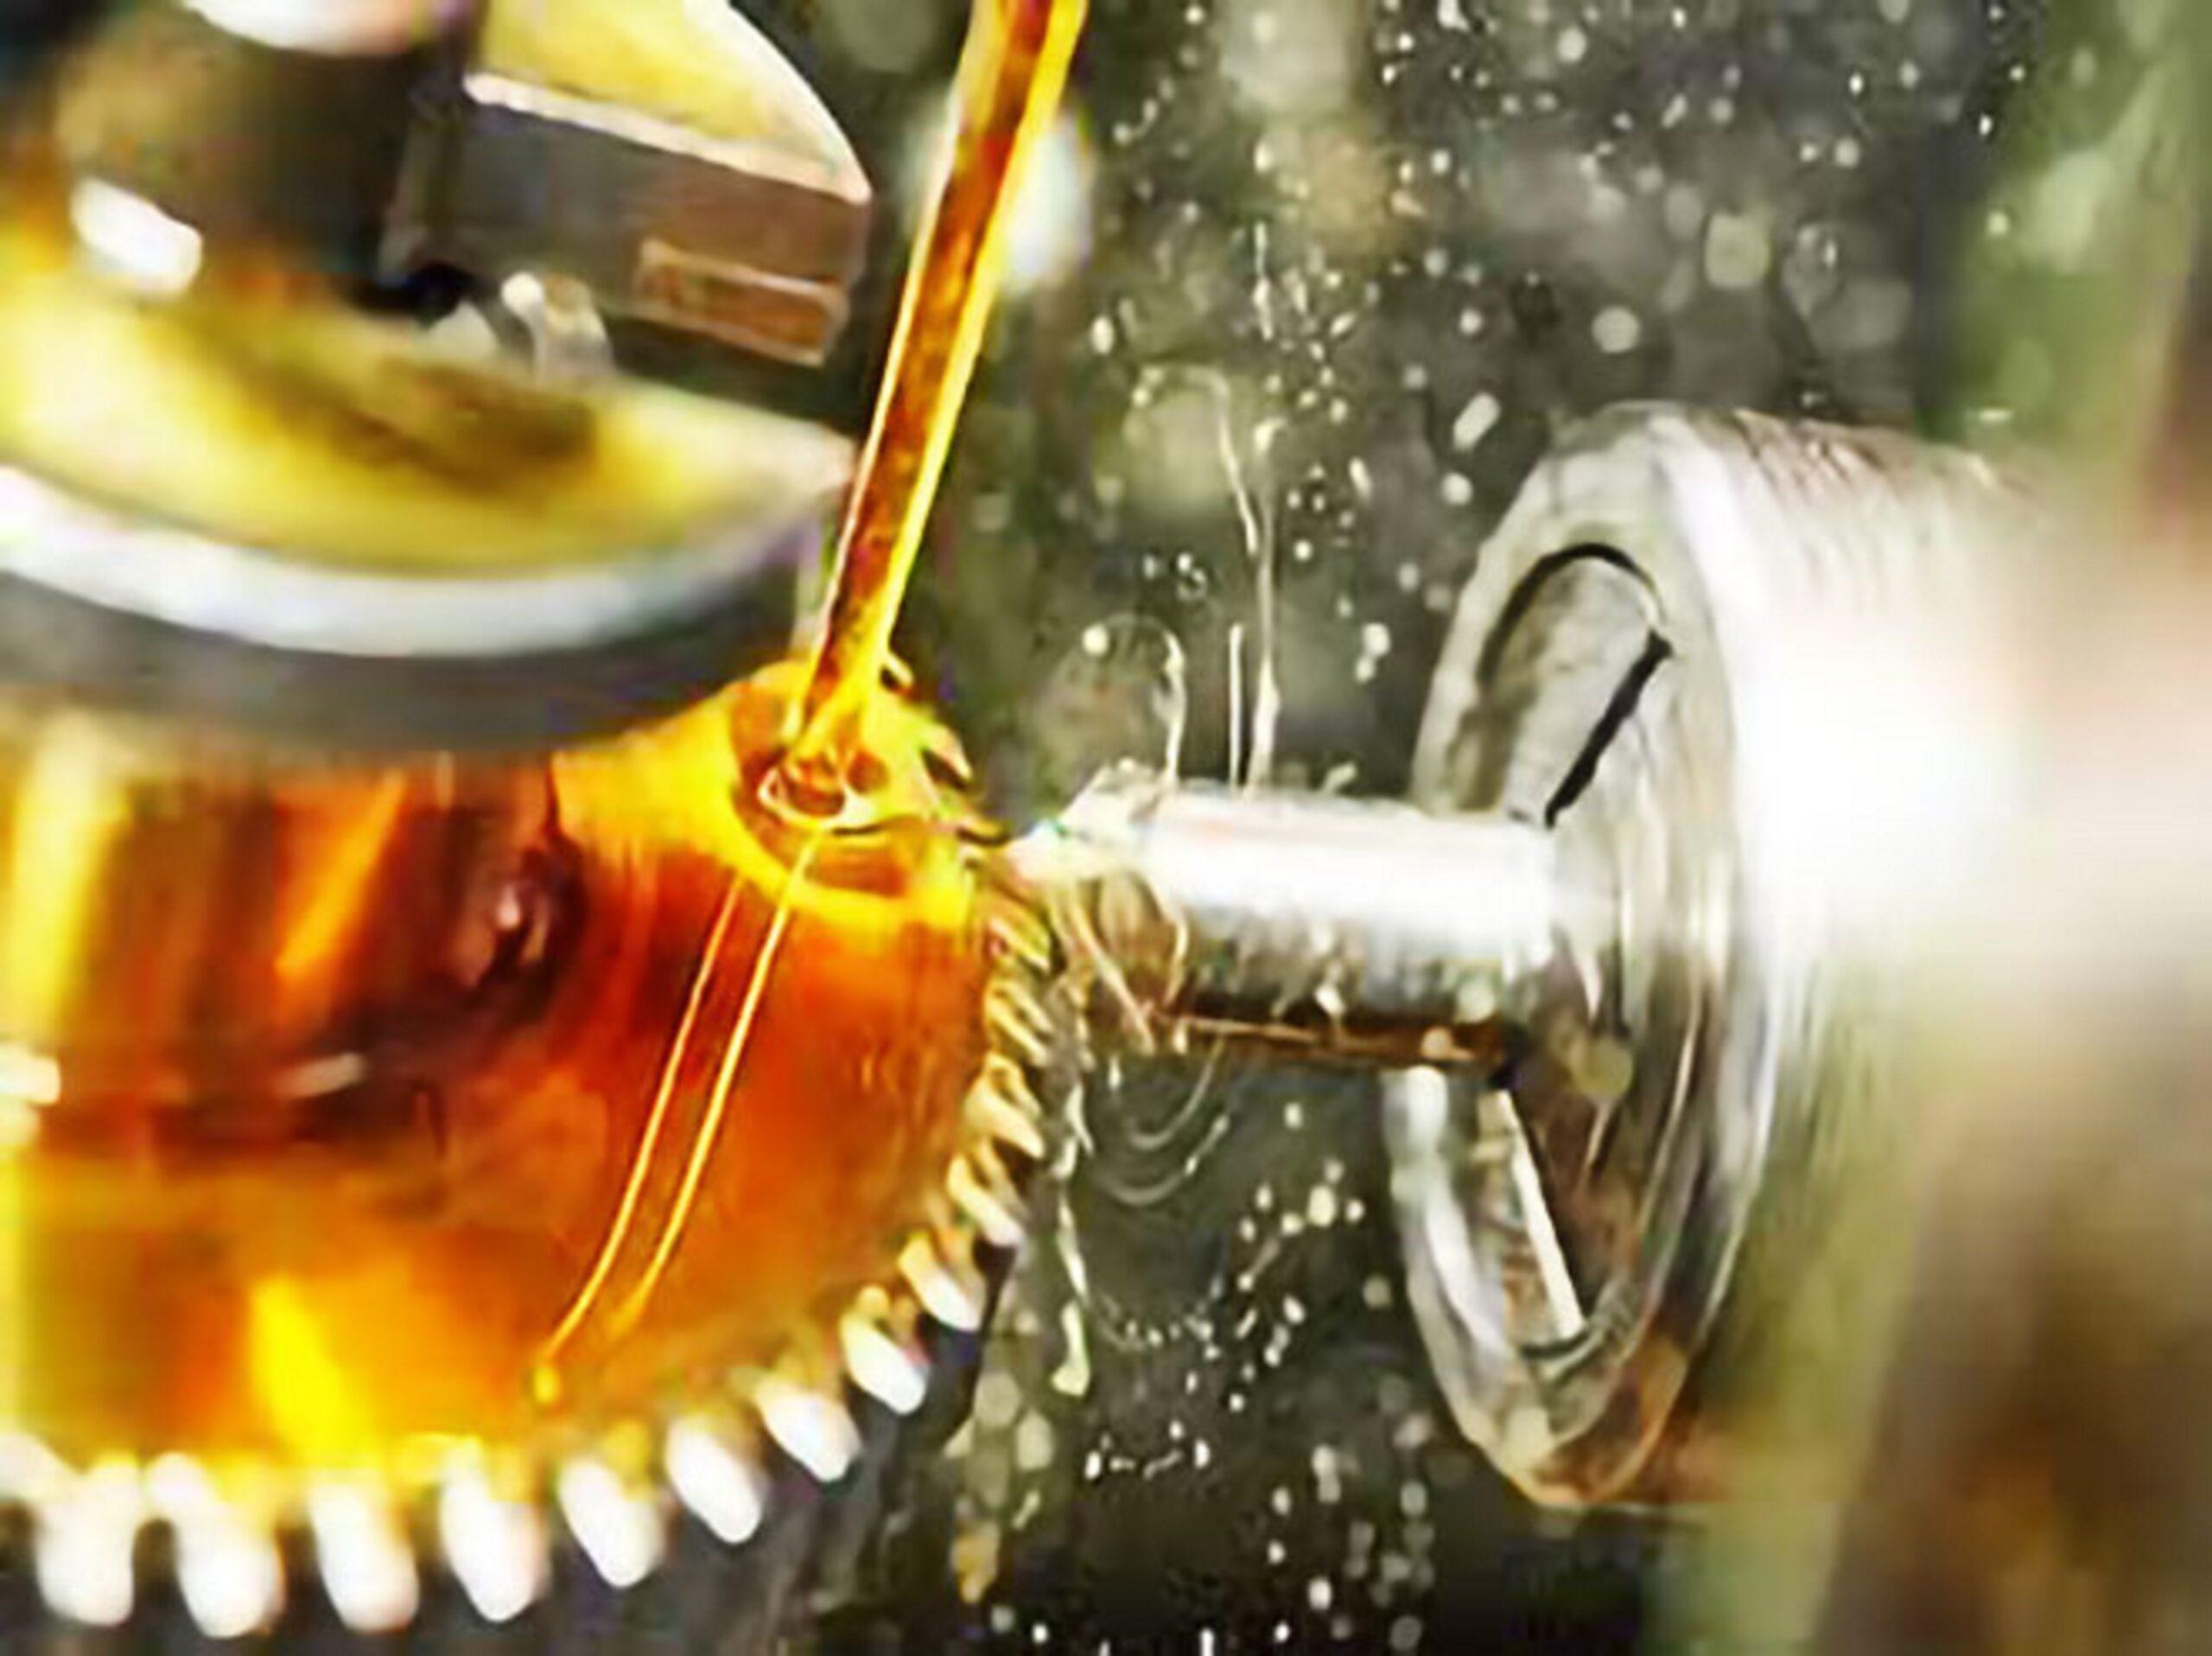 Sử dụng dầu mỡ trong máy móc công nghiệp sau một thời gian sẽ hình thành các mảng bám